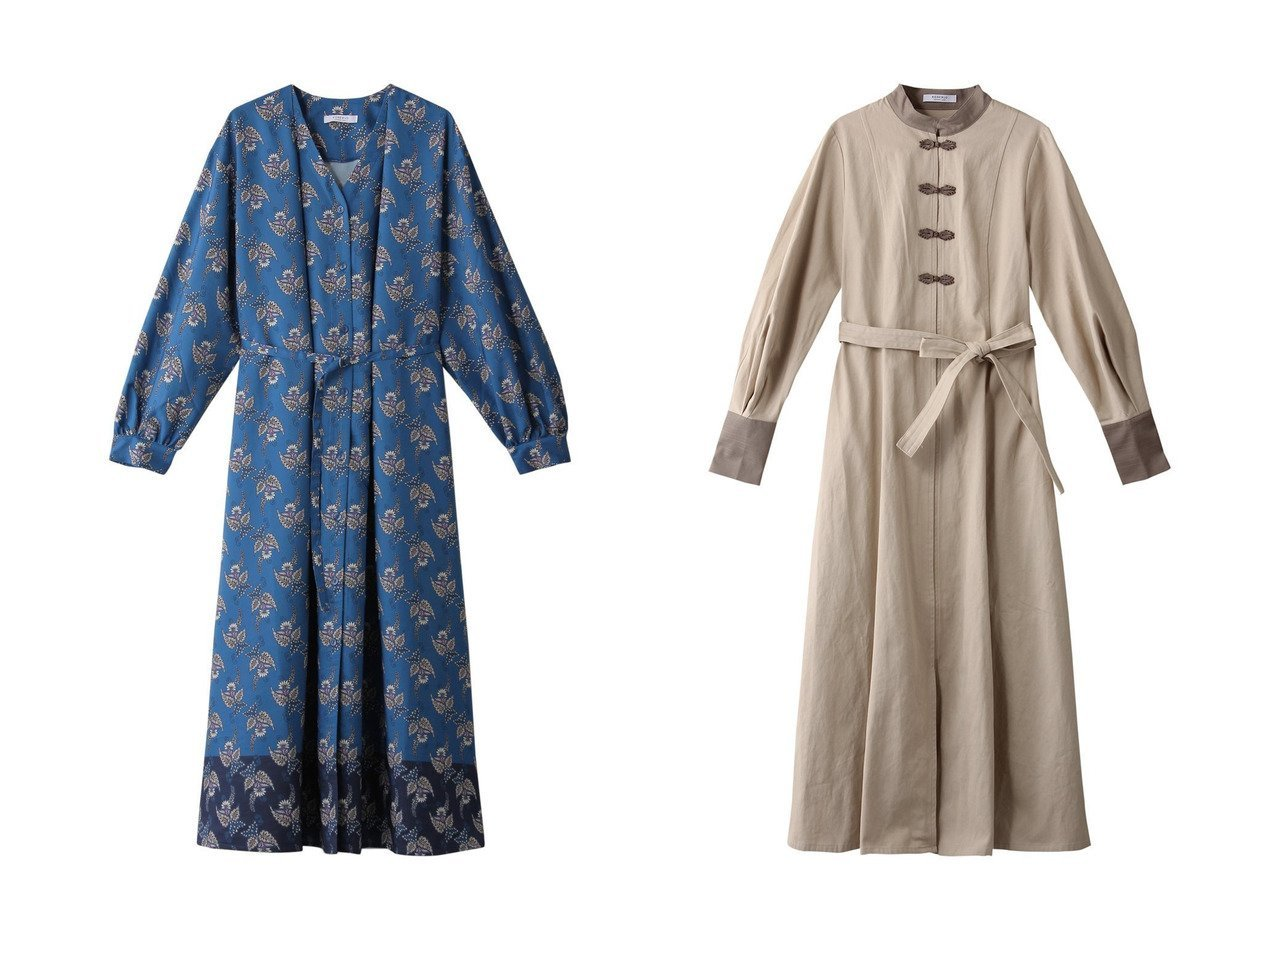 【ROSE BUD/ローズバッド】のボリュームスリーブチャイナワンピース&前開きロングワンピース ワンピース・ドレスのおすすめ!人気、トレンド・レディースファッションの通販 おすすめで人気の流行・トレンド、ファッションの通販商品 メンズファッション・キッズファッション・インテリア・家具・レディースファッション・服の通販 founy(ファニー) https://founy.com/ ファッション Fashion レディースファッション WOMEN ワンピース Dress 2021年 2021 2021 春夏 S/S SS Spring/Summer 2021 S/S 春夏 SS Spring/Summer ギャザー ロング 春 Spring 羽織 おすすめ Recommend カフス シェイプ スリーブ リボン |ID:crp329100000024805